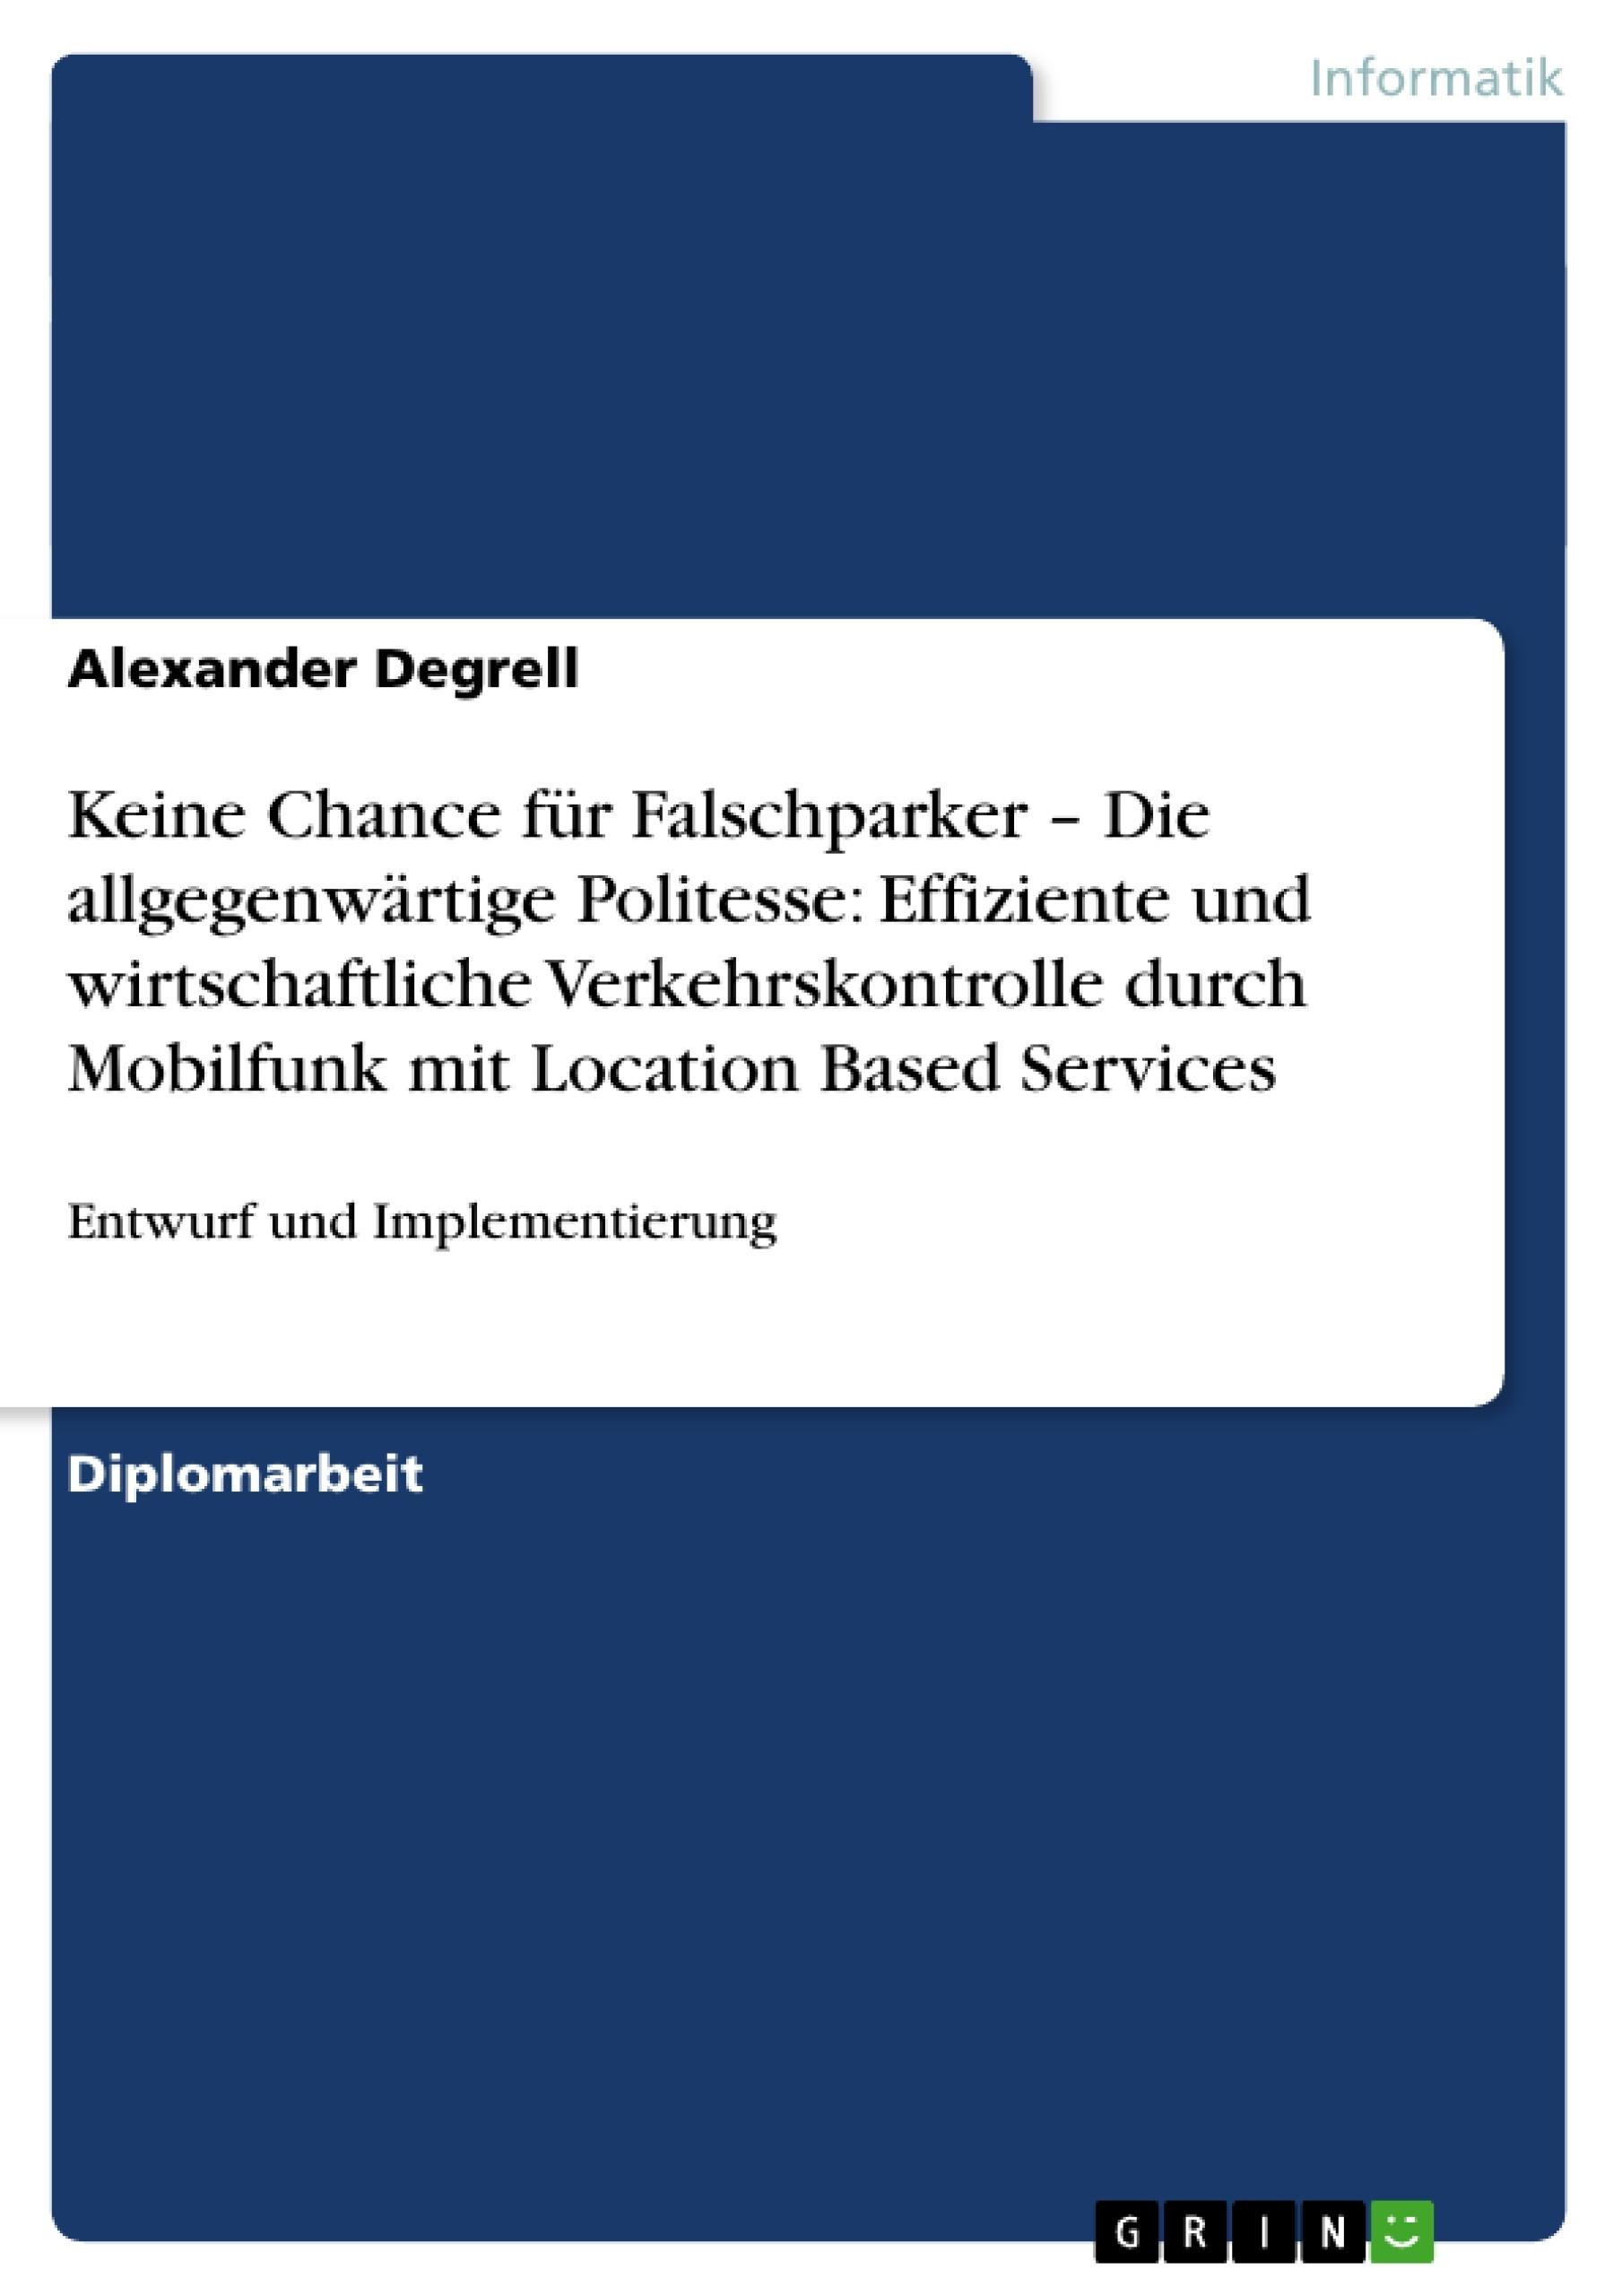 Titel: Keine Chance für Falschparker – Die allgegenwärtige Politesse: Effiziente und wirtschaftliche Verkehrskontrolle durch Mobilfunk mit Location Based Services